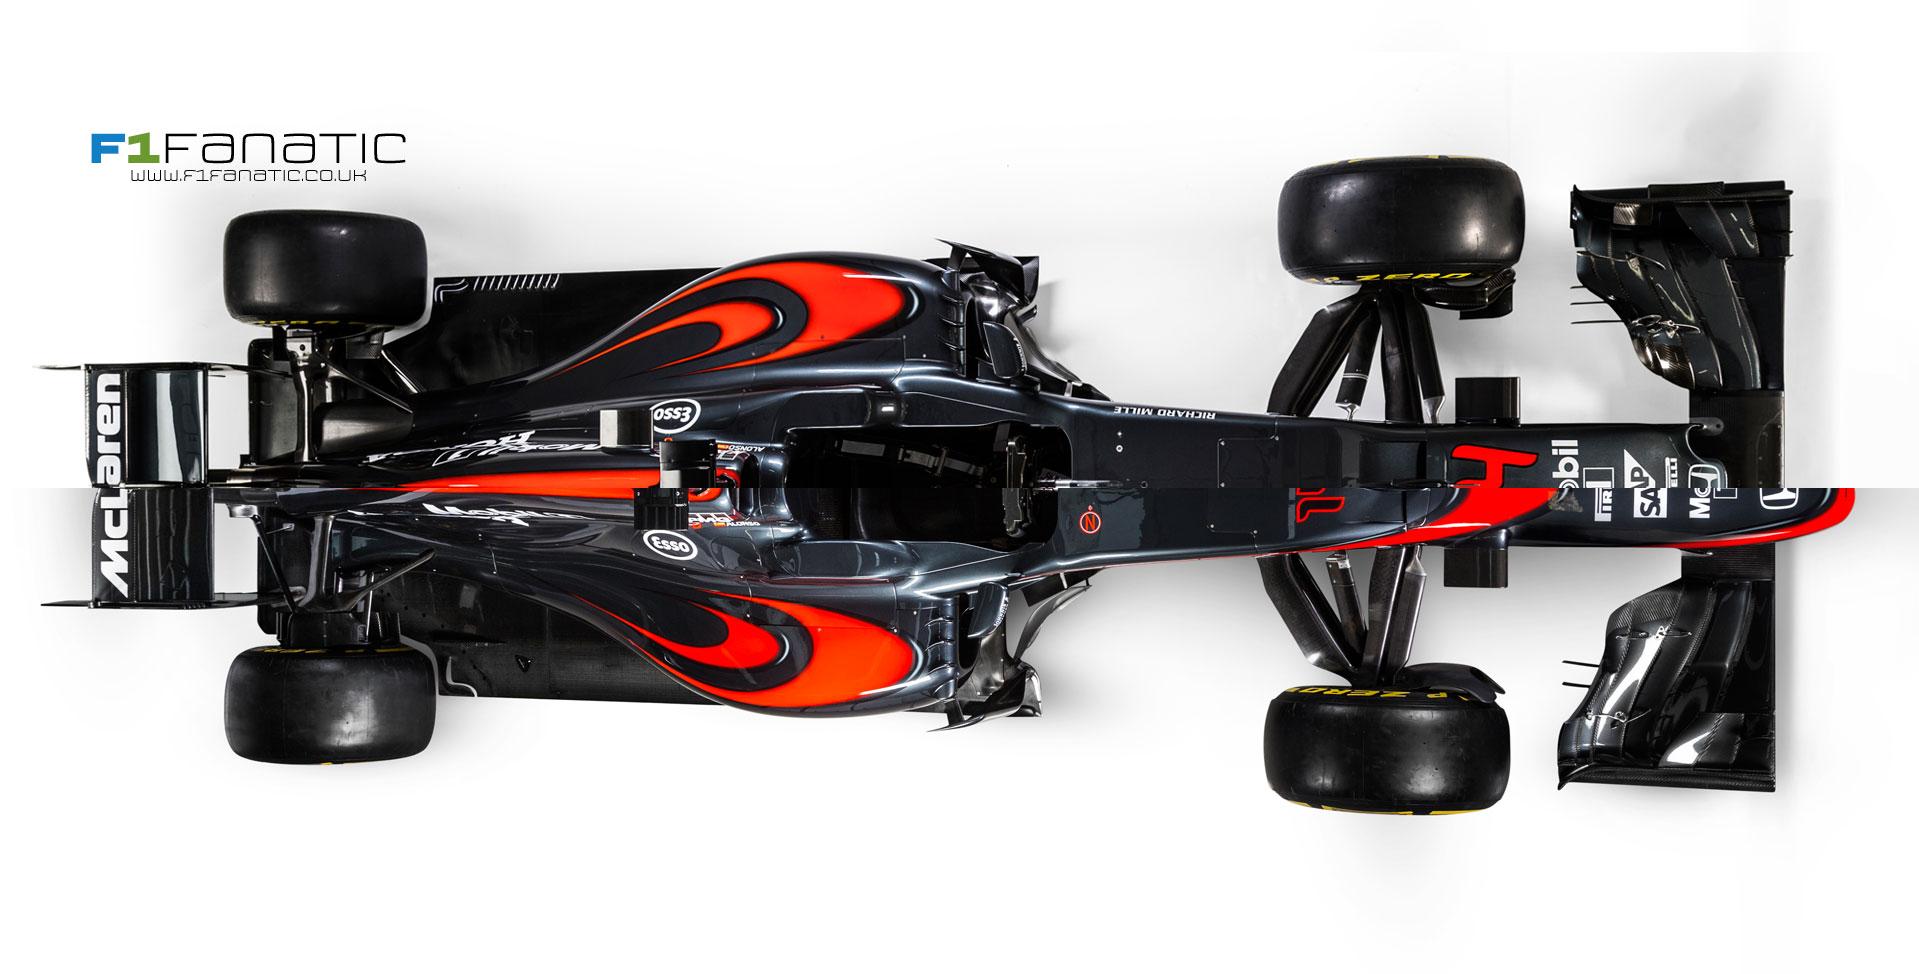 McLaren MP4-31 and MP4-30 comparison